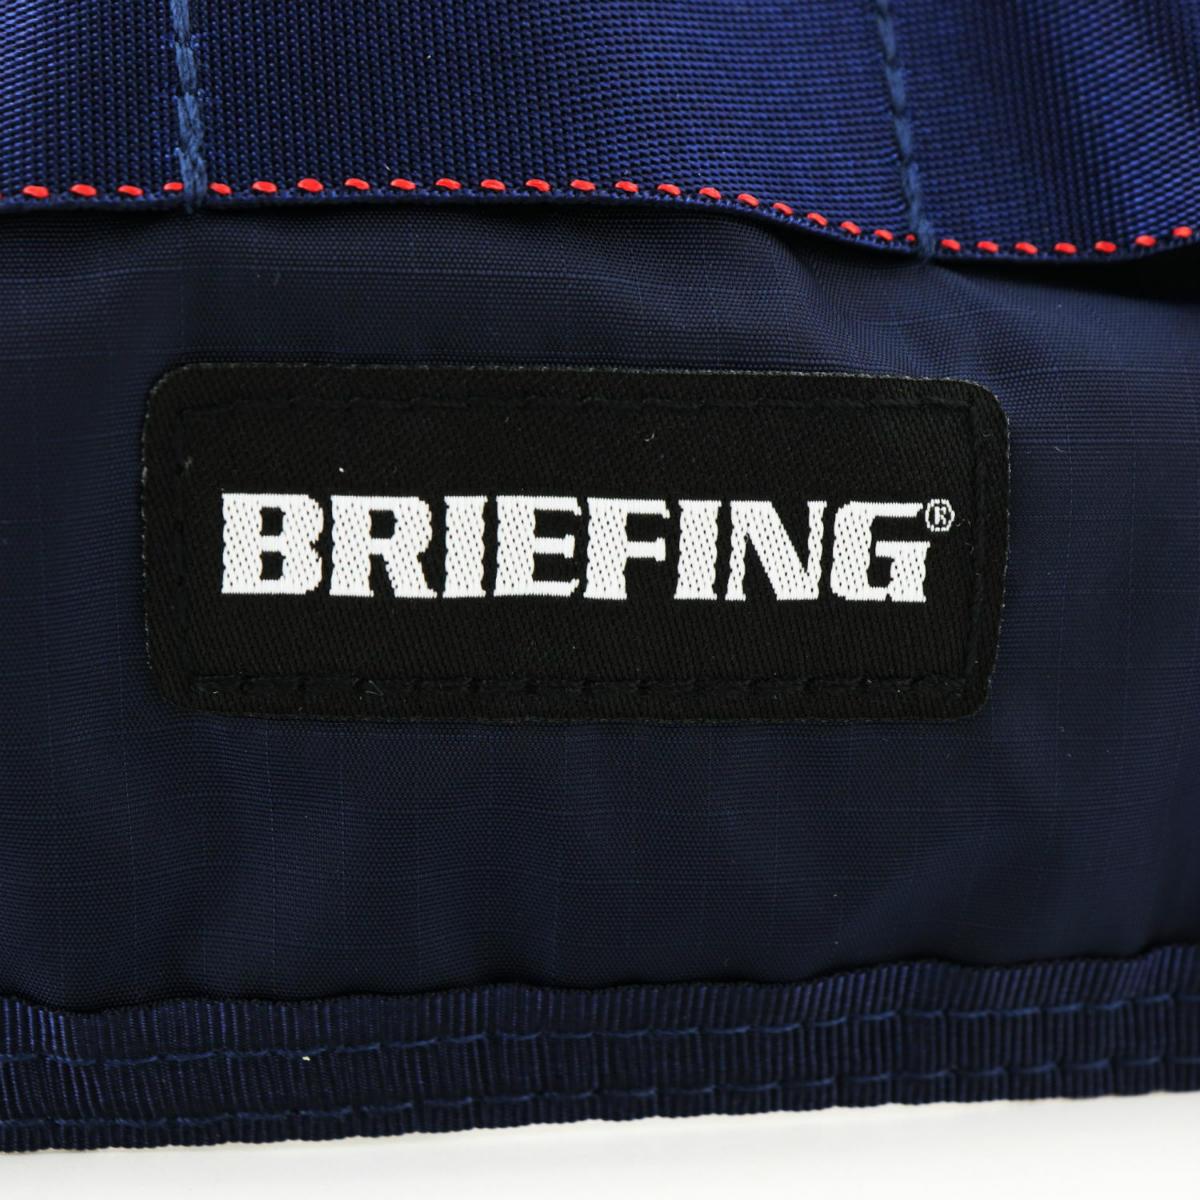 ブリーフィングゴルフ BRIEFING GOLF VIROBLOCK GLOVE&MASK POUCH グローブ&マスクポーチ 100D RIPSTOP NYLON SERIES BRG211G22 BRG 076 NAVY(ネイビー) 春夏新作